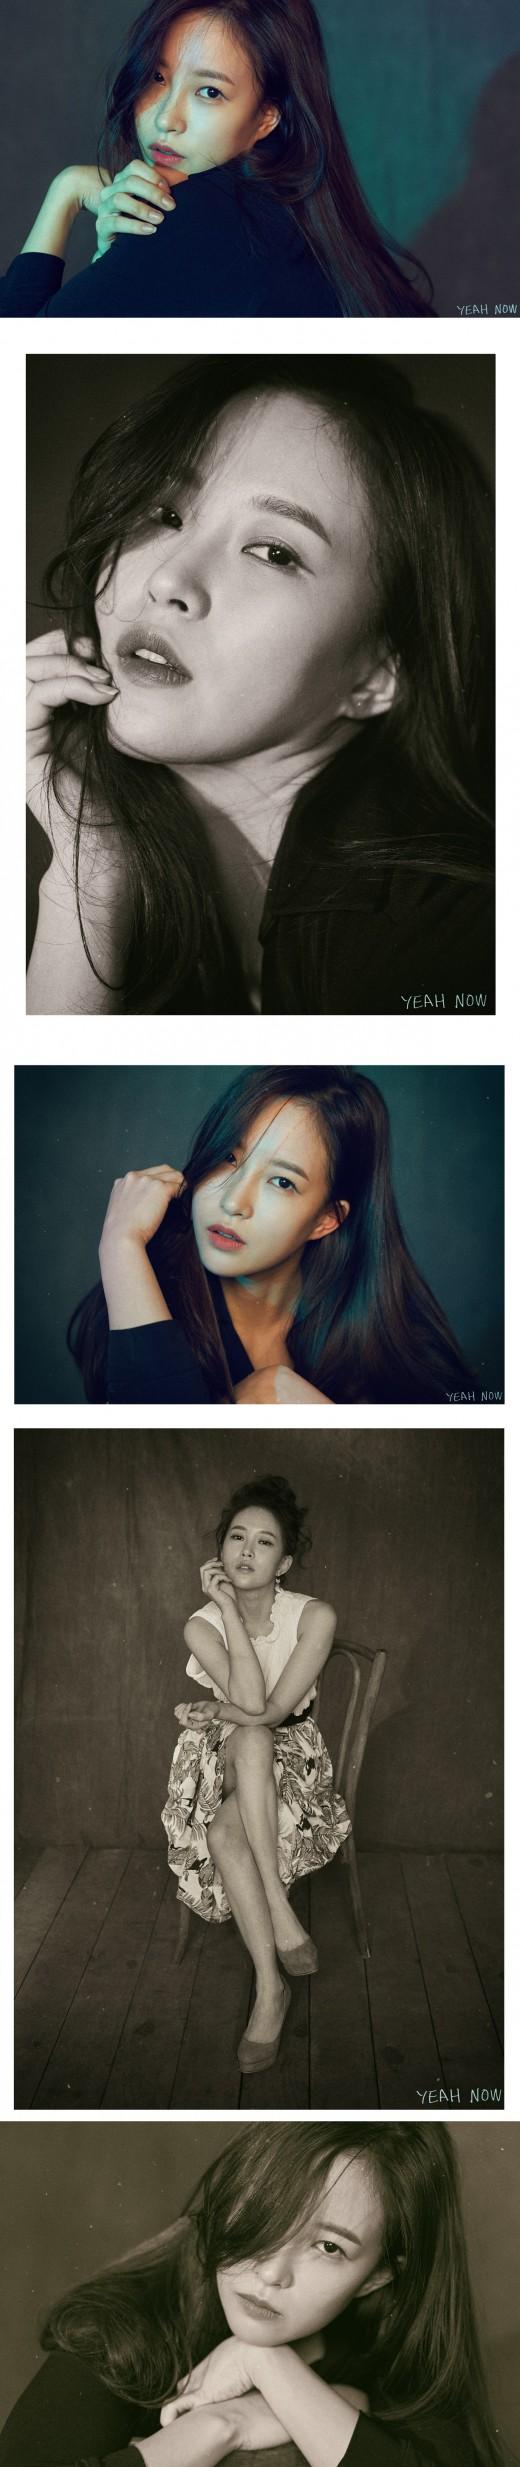 """'장기용 결별' 이예나, 화보 공개 """"더 알고 싶어지는 배우 되고파"""" _이미지"""